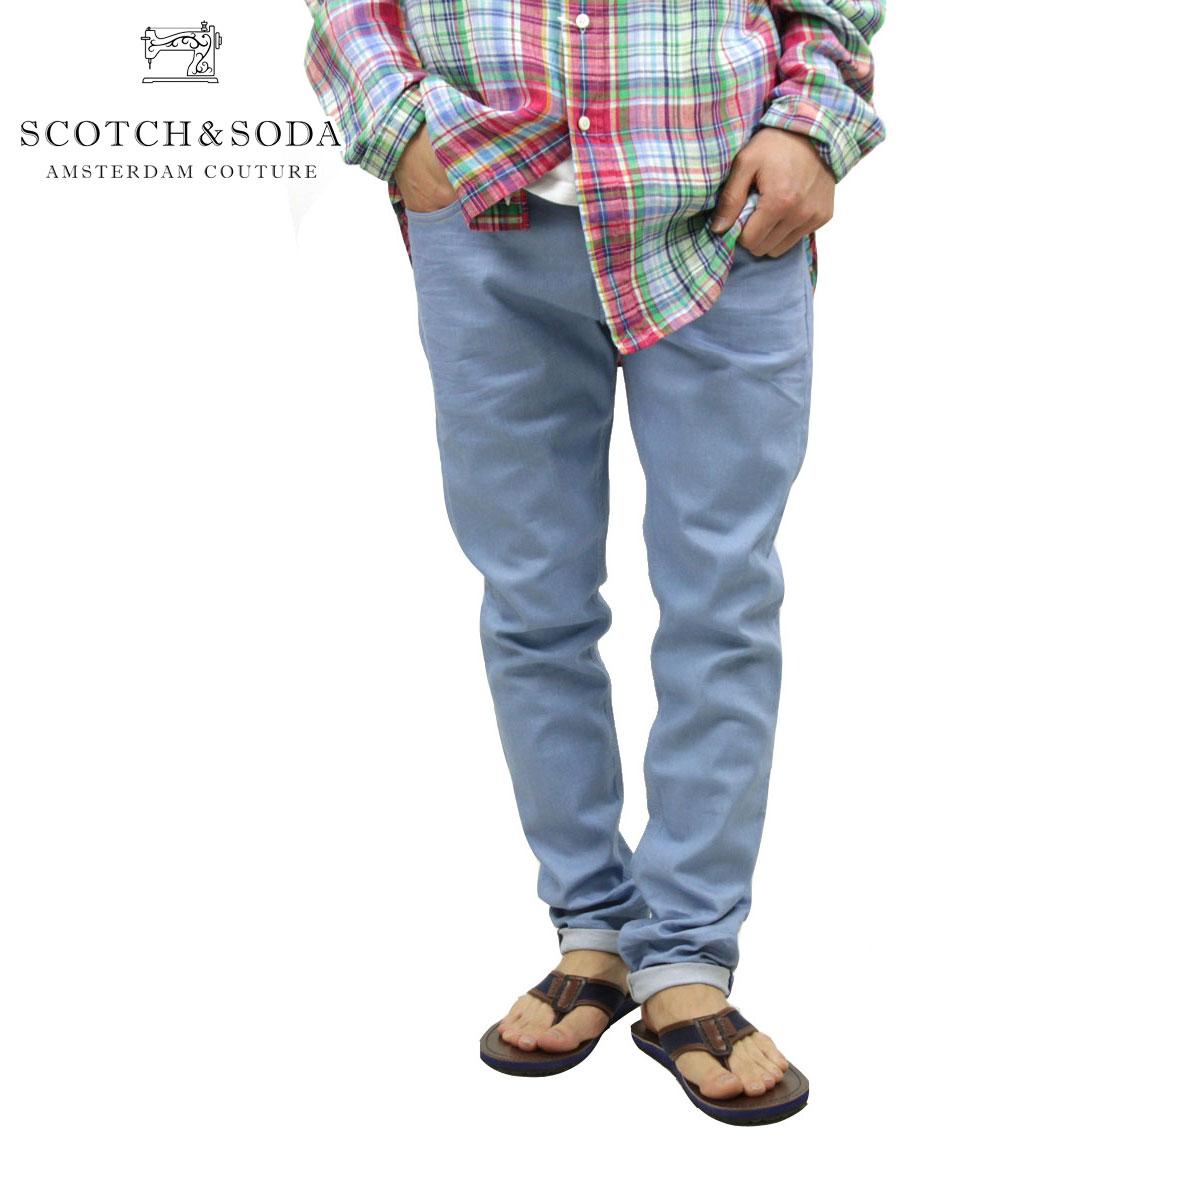 スコッチアンドソーダ SCOTCH&SODA 正規販売店 メンズ ジーンズ Tye - Mystic Blue 85318 48 D15S25